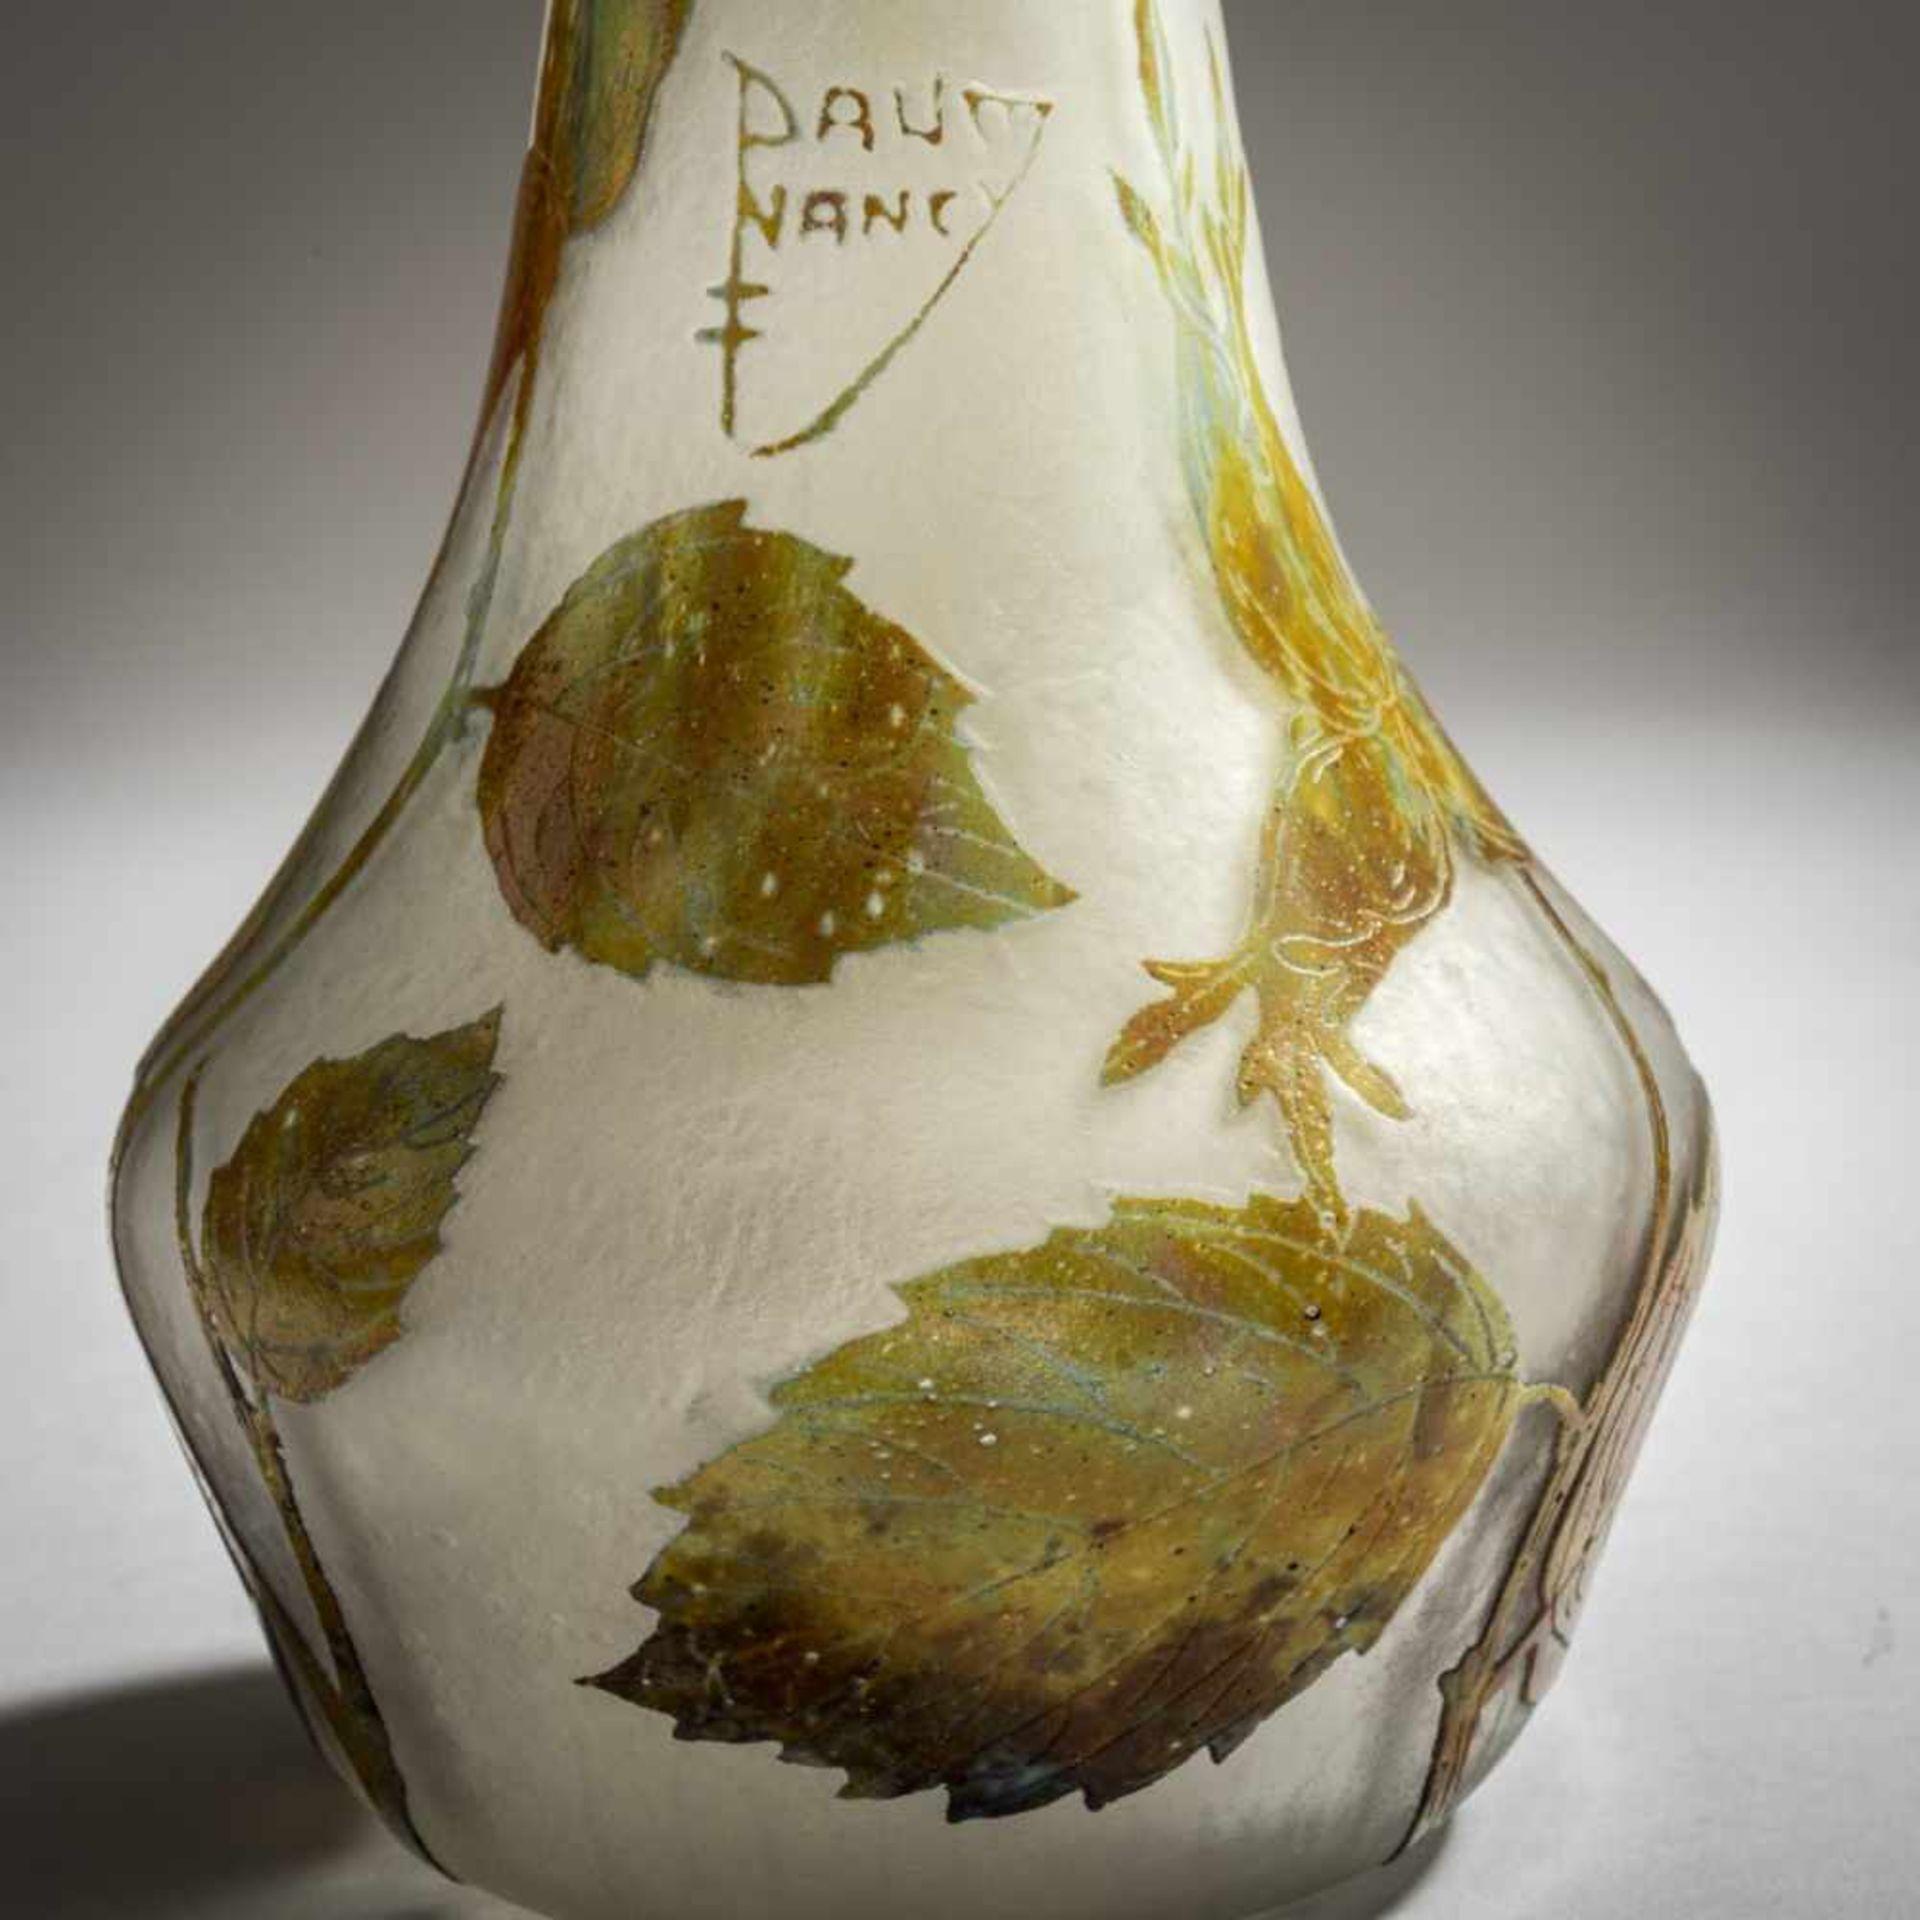 Los 152 - Daum Frères, Nancy, Berluze 'Noisette', um 1910Berluze 'Noisette', um 1910H. 41,2 cm....